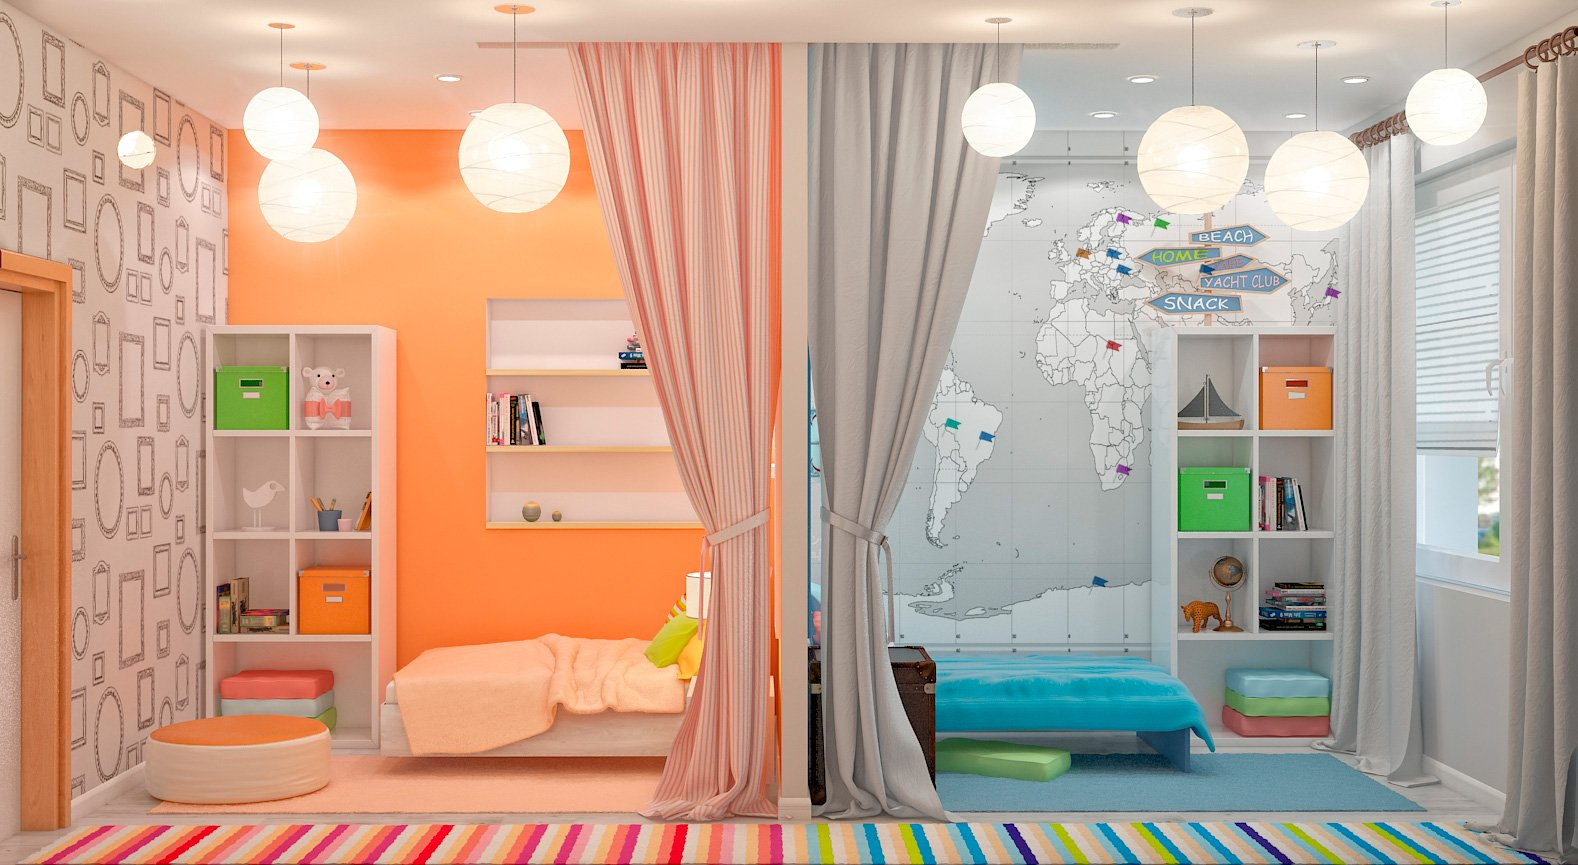 Как оформить интерьер детской комнаты дизайн интерьера.